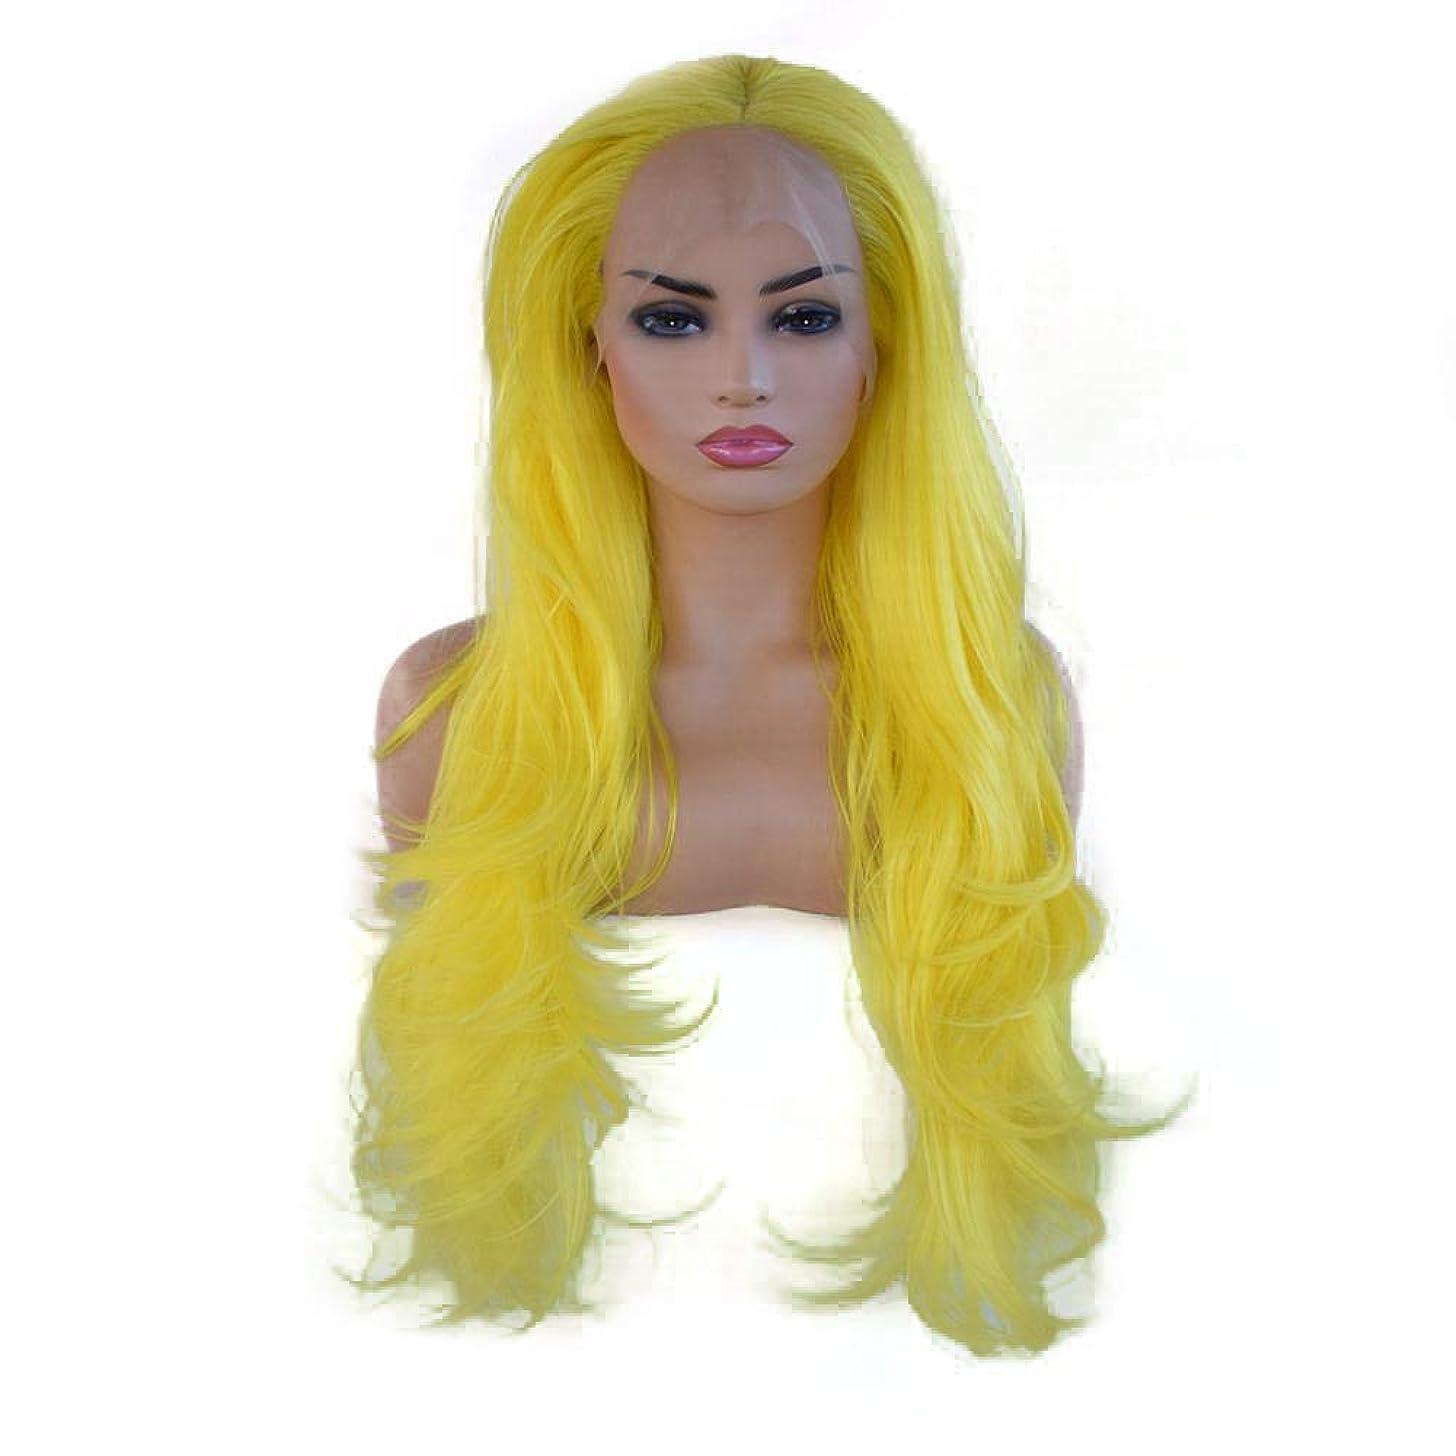 協同ドック小人BOBIDYEE 黄色の女性の長い巻き毛のフロントレースの化学繊維かつらコスプレウィッグ合成髪のレースのかつらロールプレイングかつら (色 : イエロー)